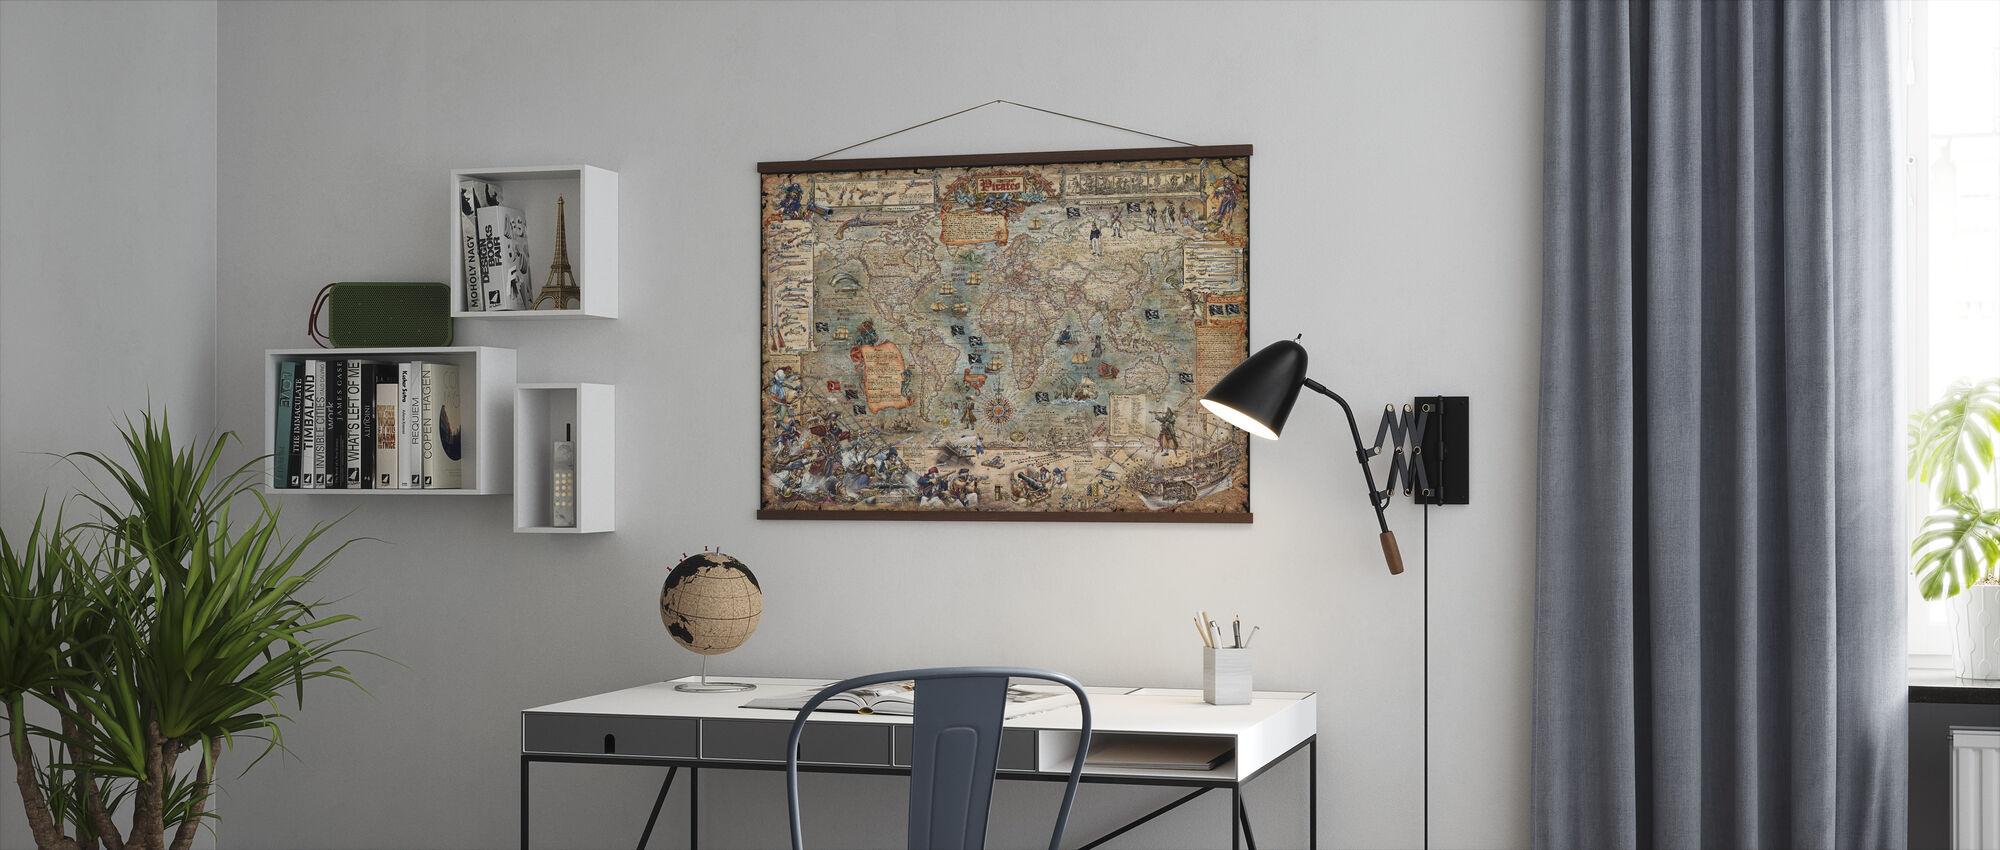 Pirate Karta - Poster - Kontor